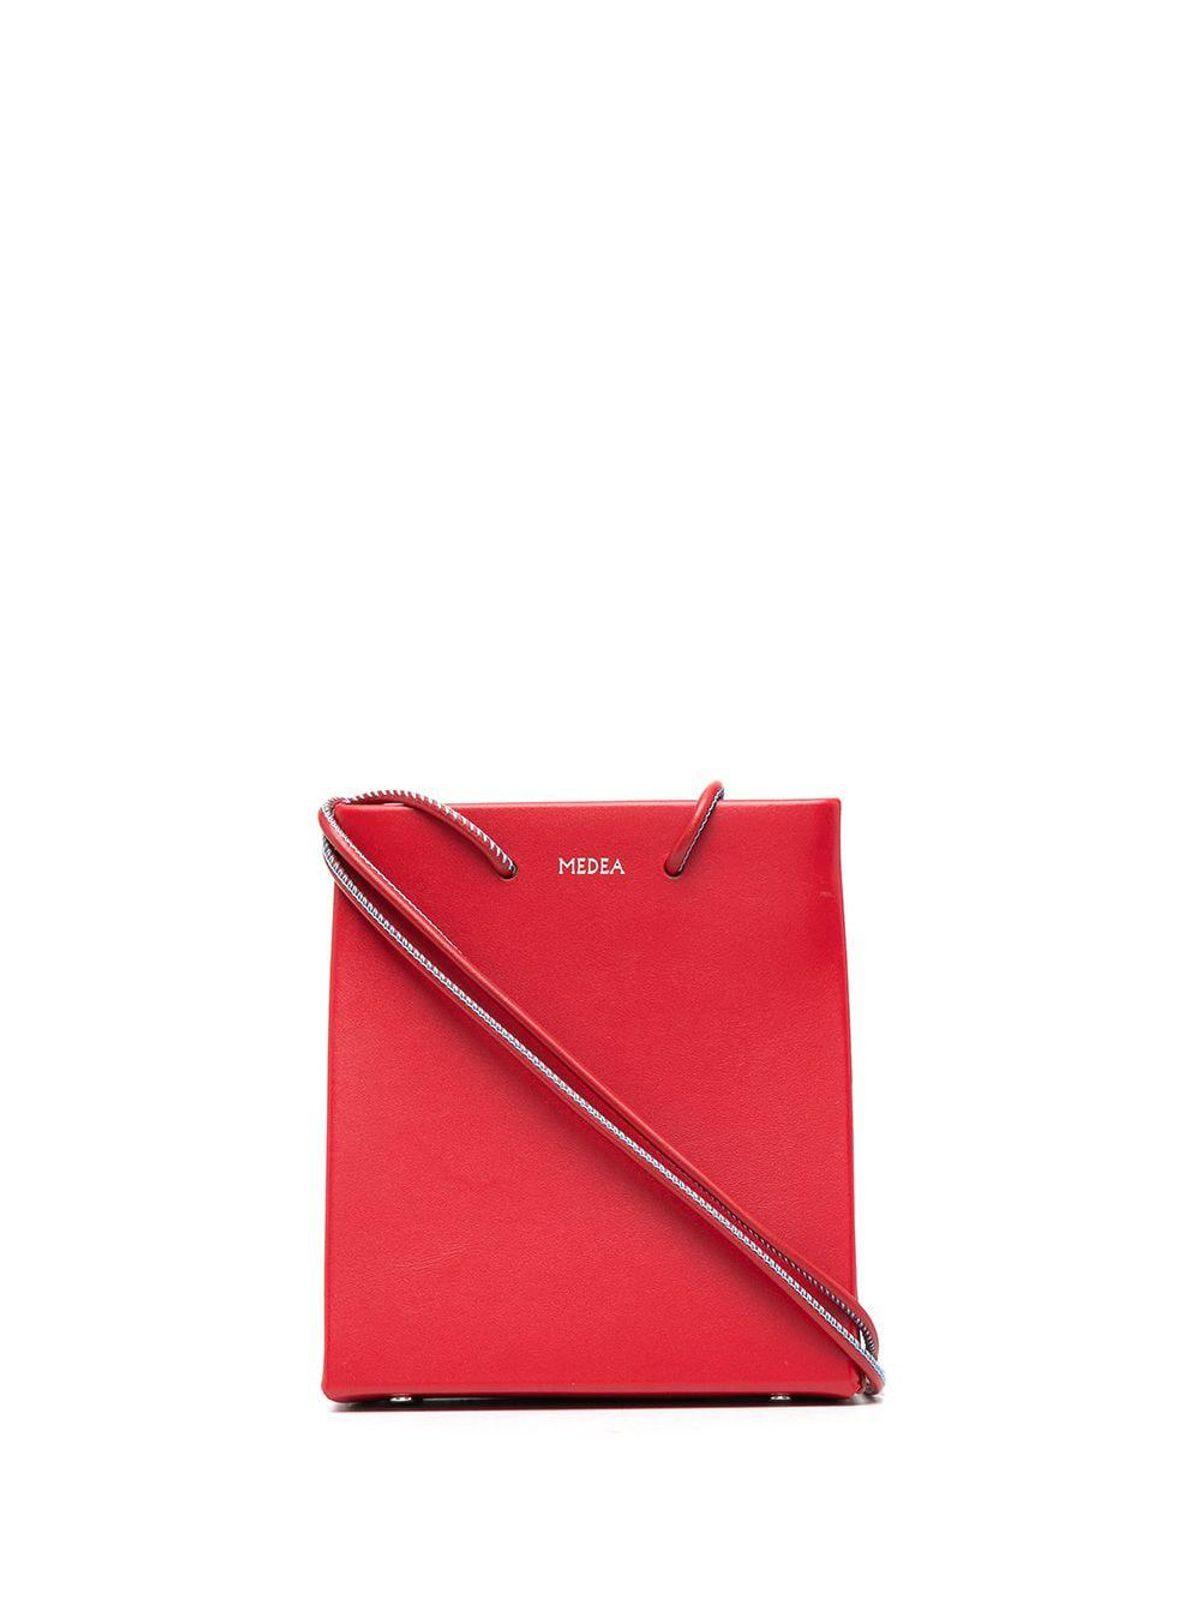 Logo-Embellished Tote Bag